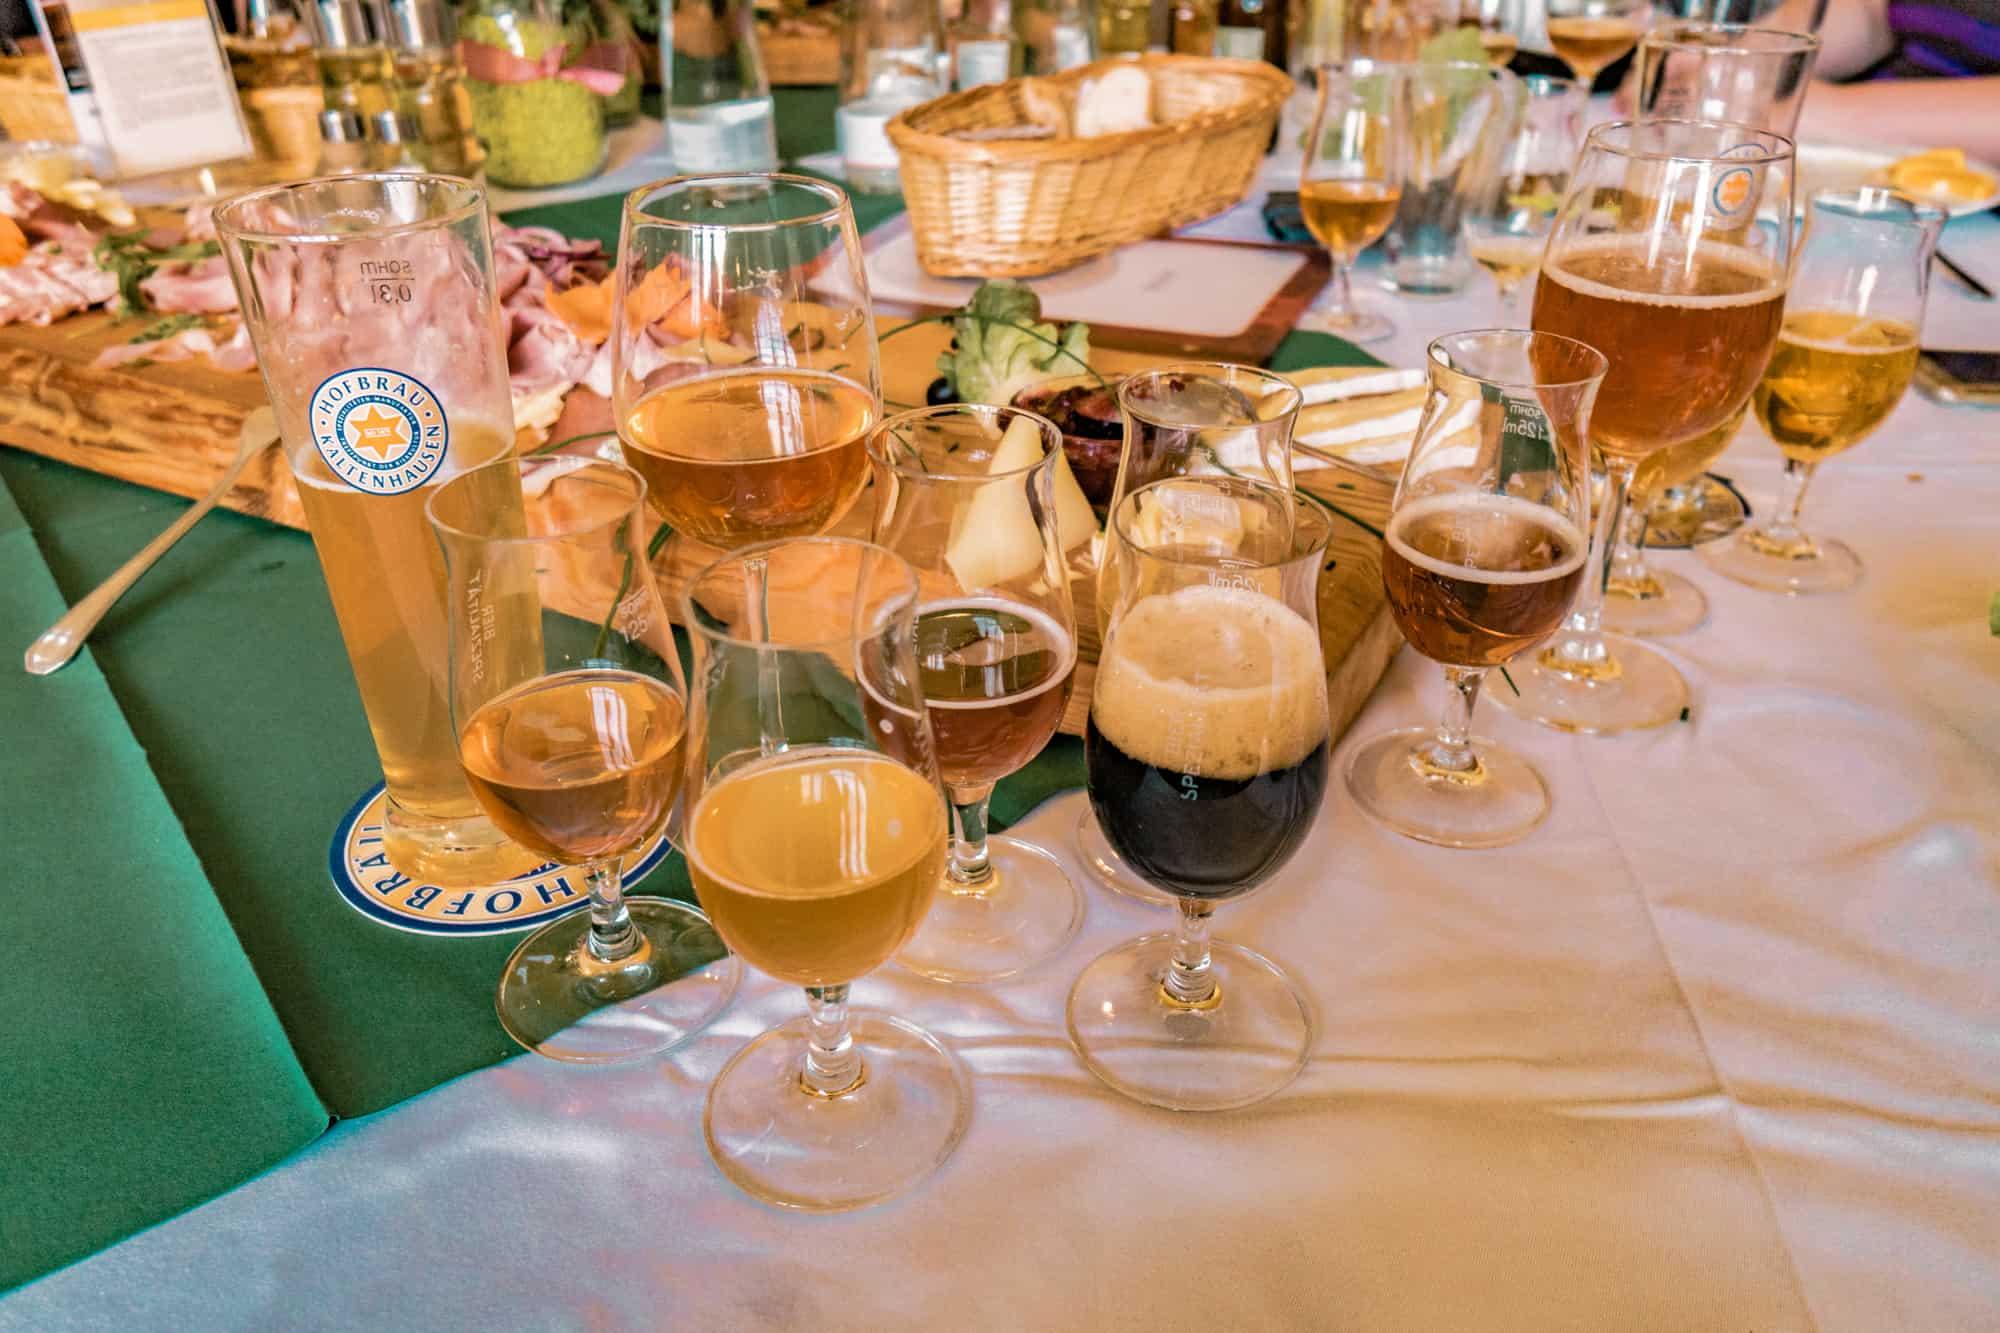 salzburg beer tasting